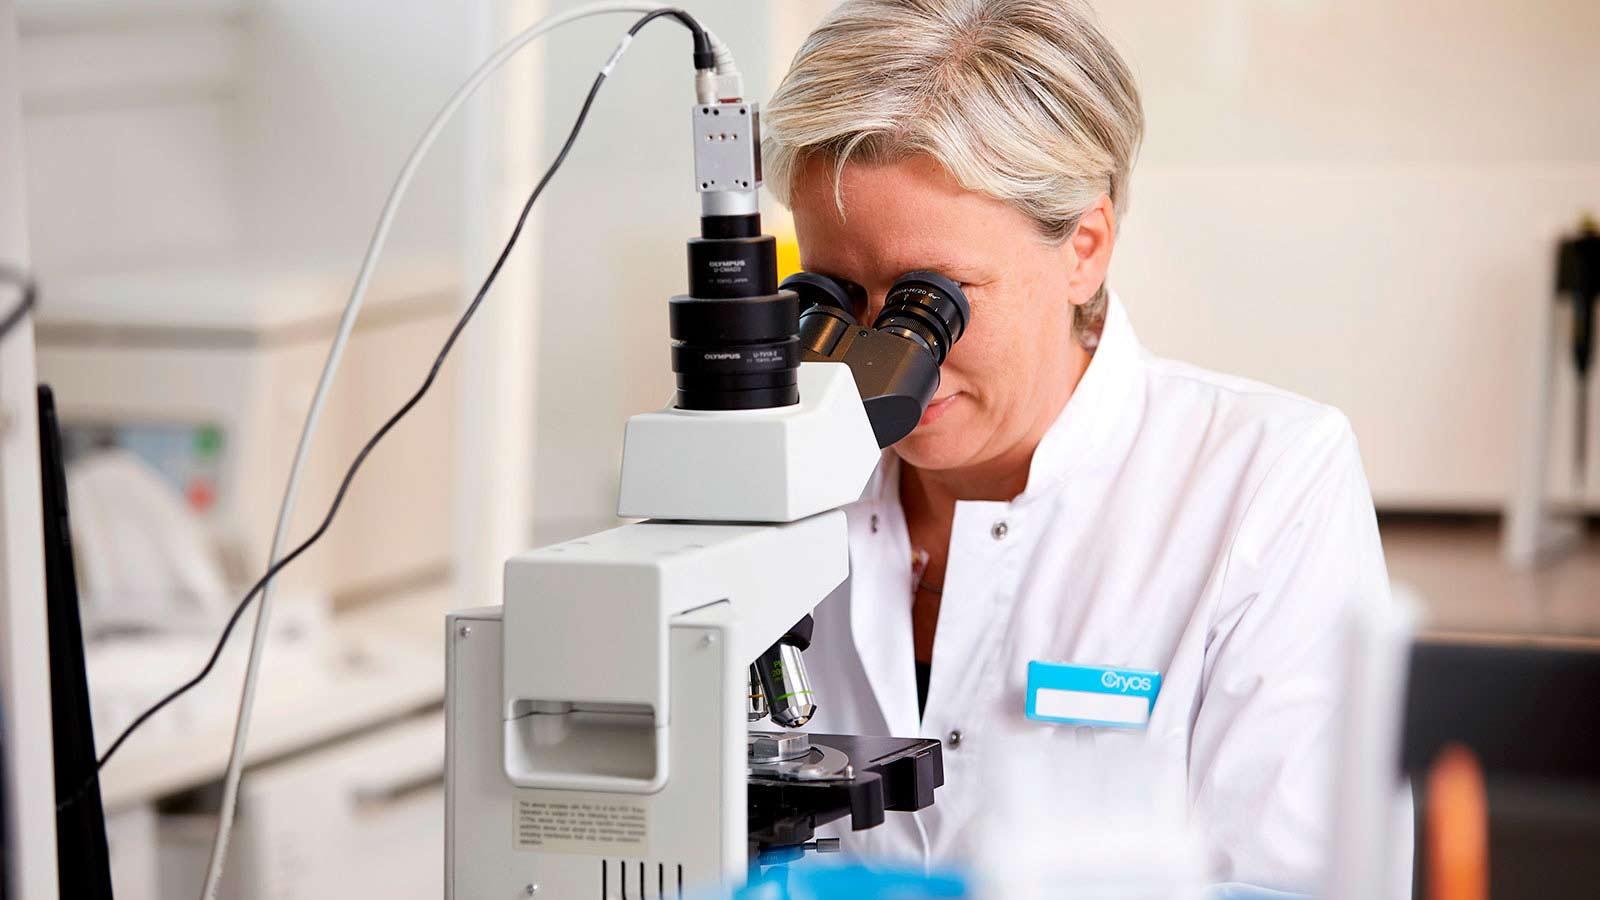 Cryos laboratoriumtechnicus beoordeelt de kwaliteit van een donorspermamonster onder de microscoop